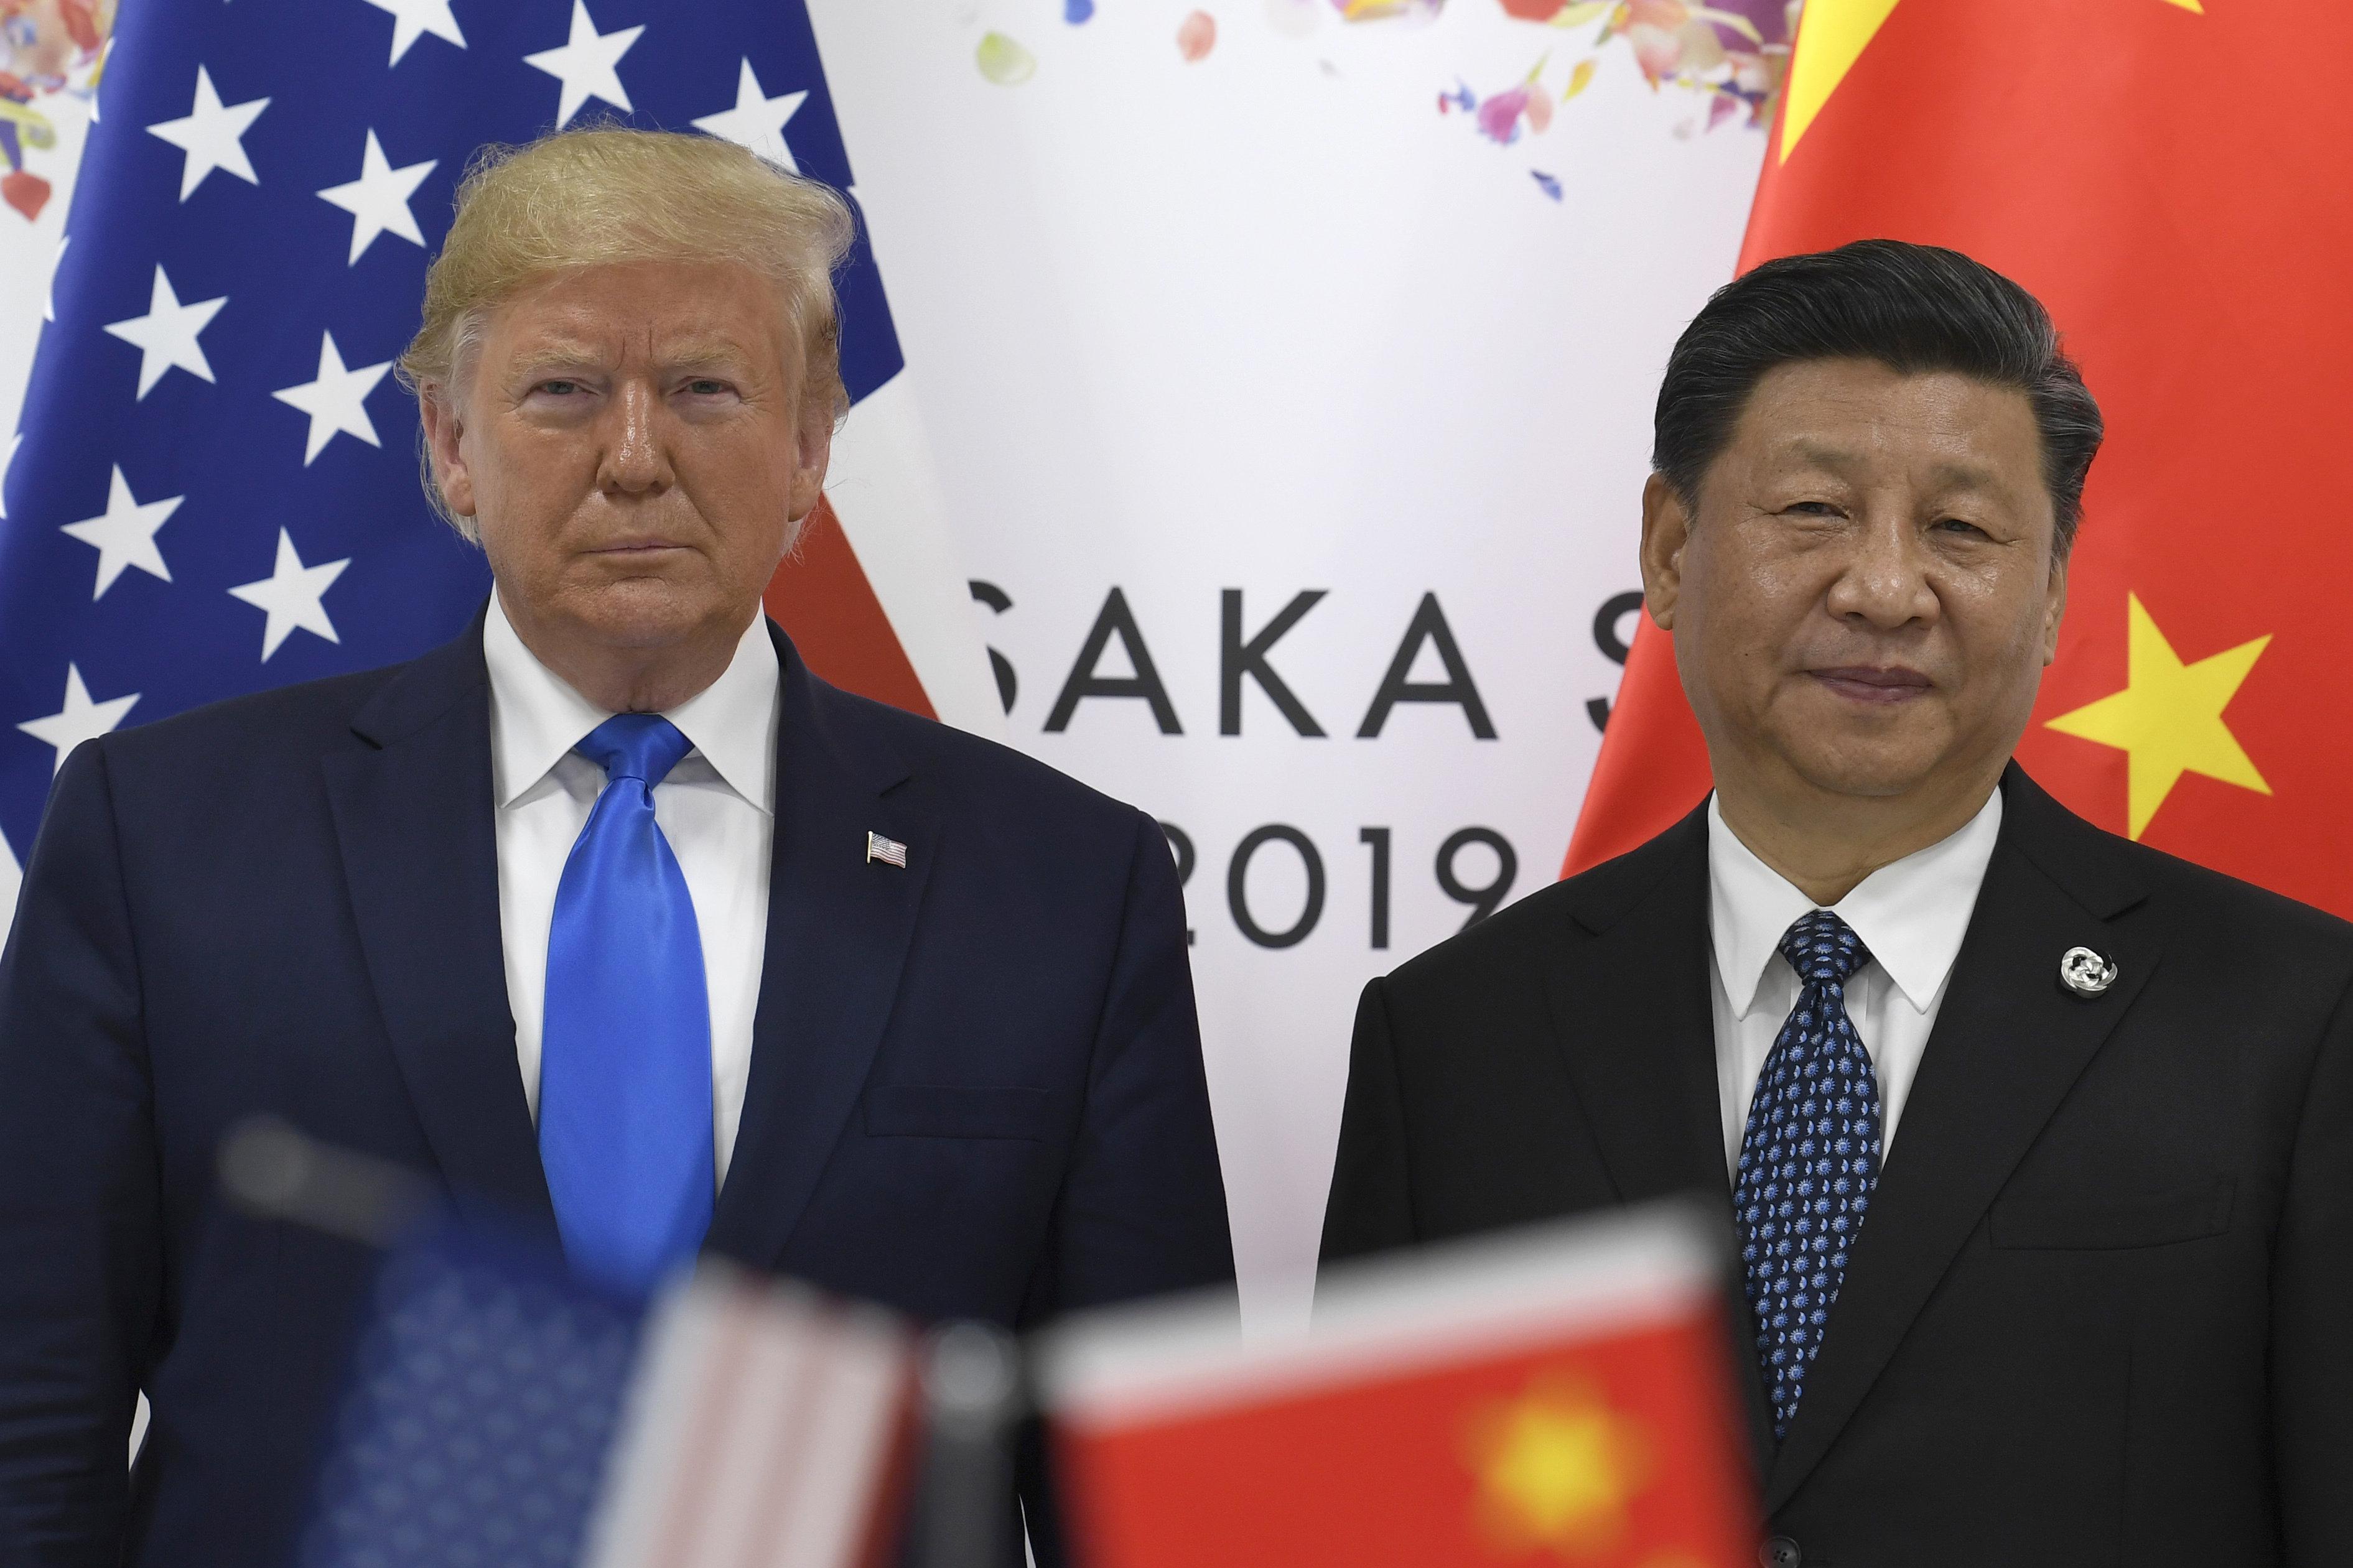 ¿TIENE RAZÓN TRUMP EN LA GUERRA COMERCIAL CON CHINA?